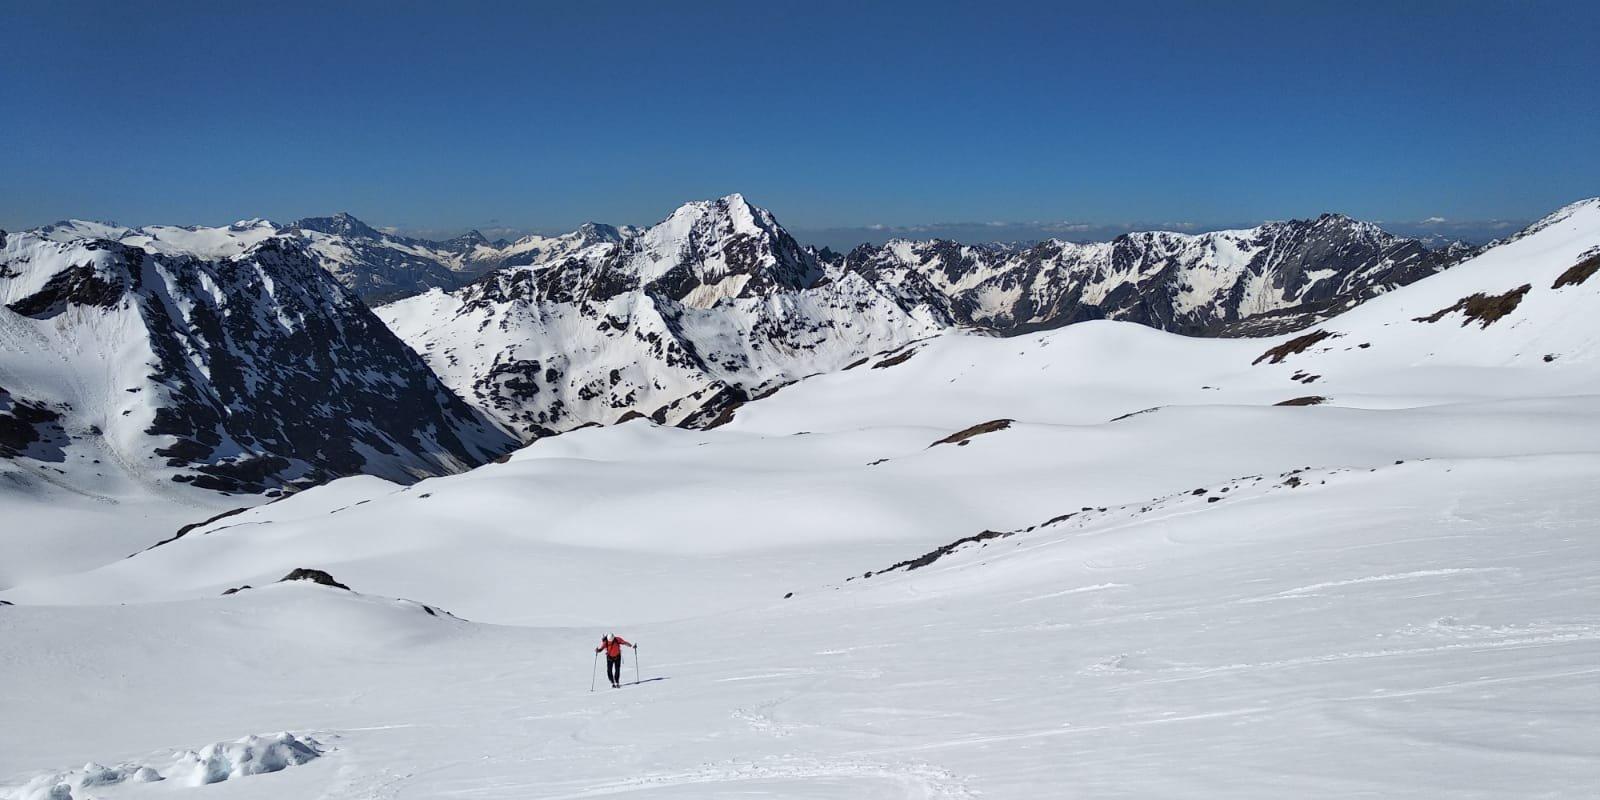 in vista deposito ski (nevaio che si congiunge alla cresta)